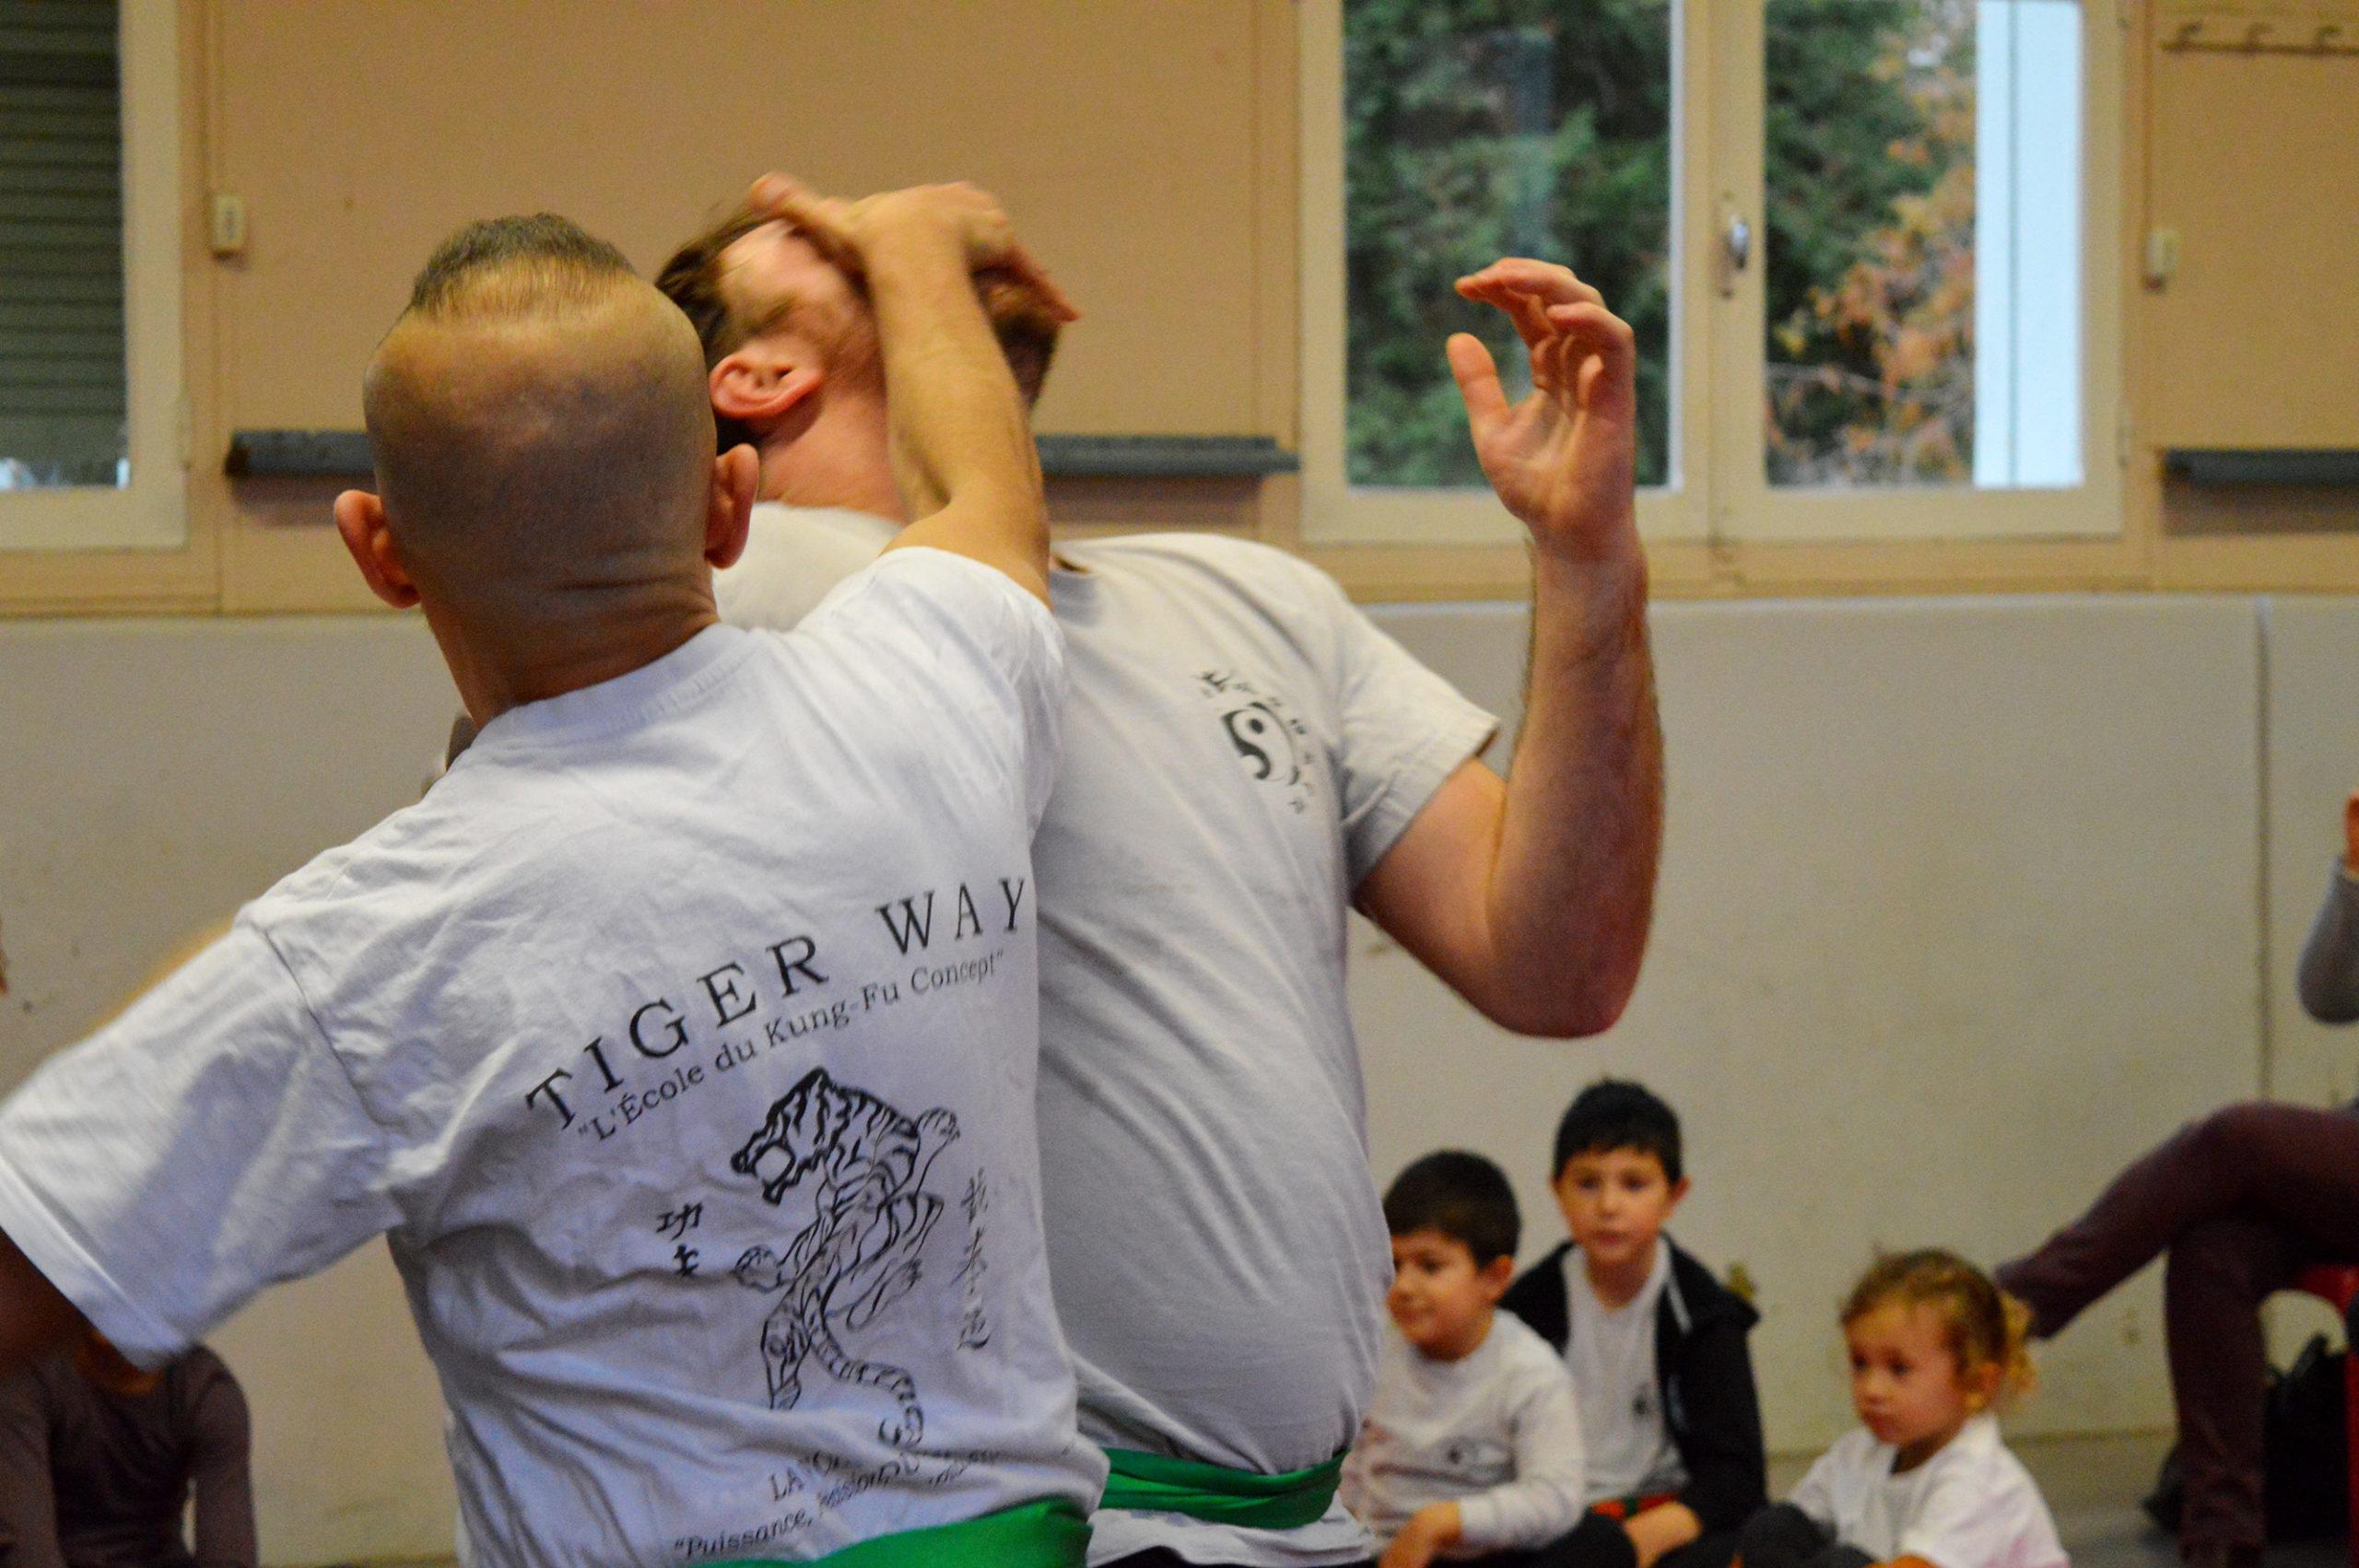 Tiger Way fête ses 5 ans